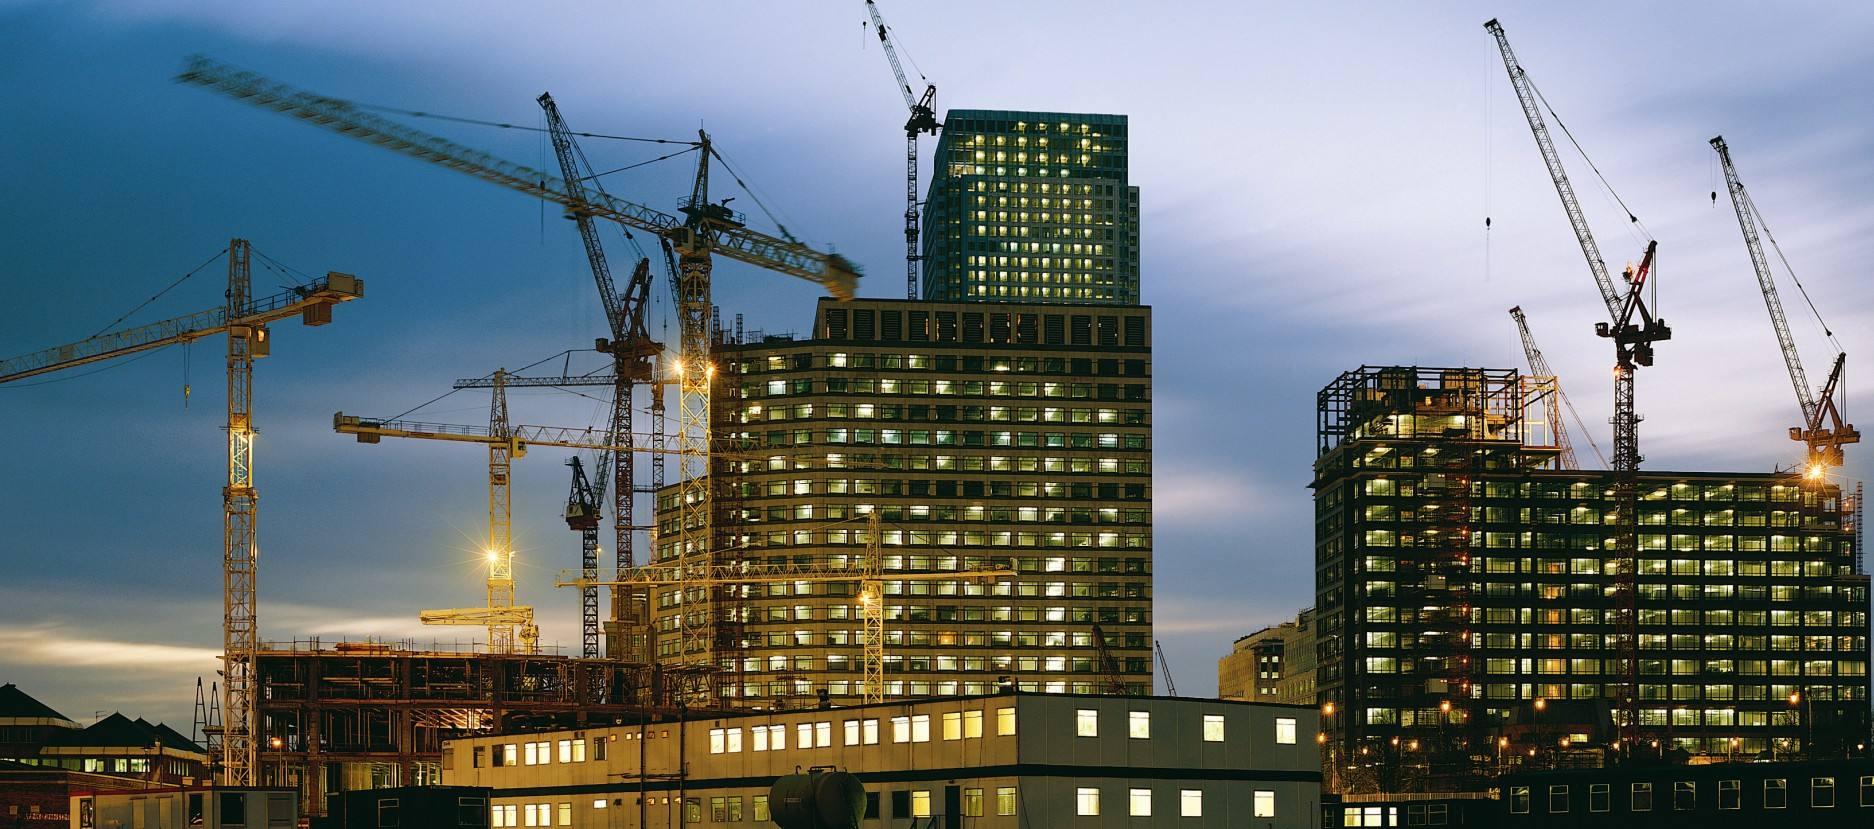 去年12月40家典型上市房企 融资总额不足200亿创新低